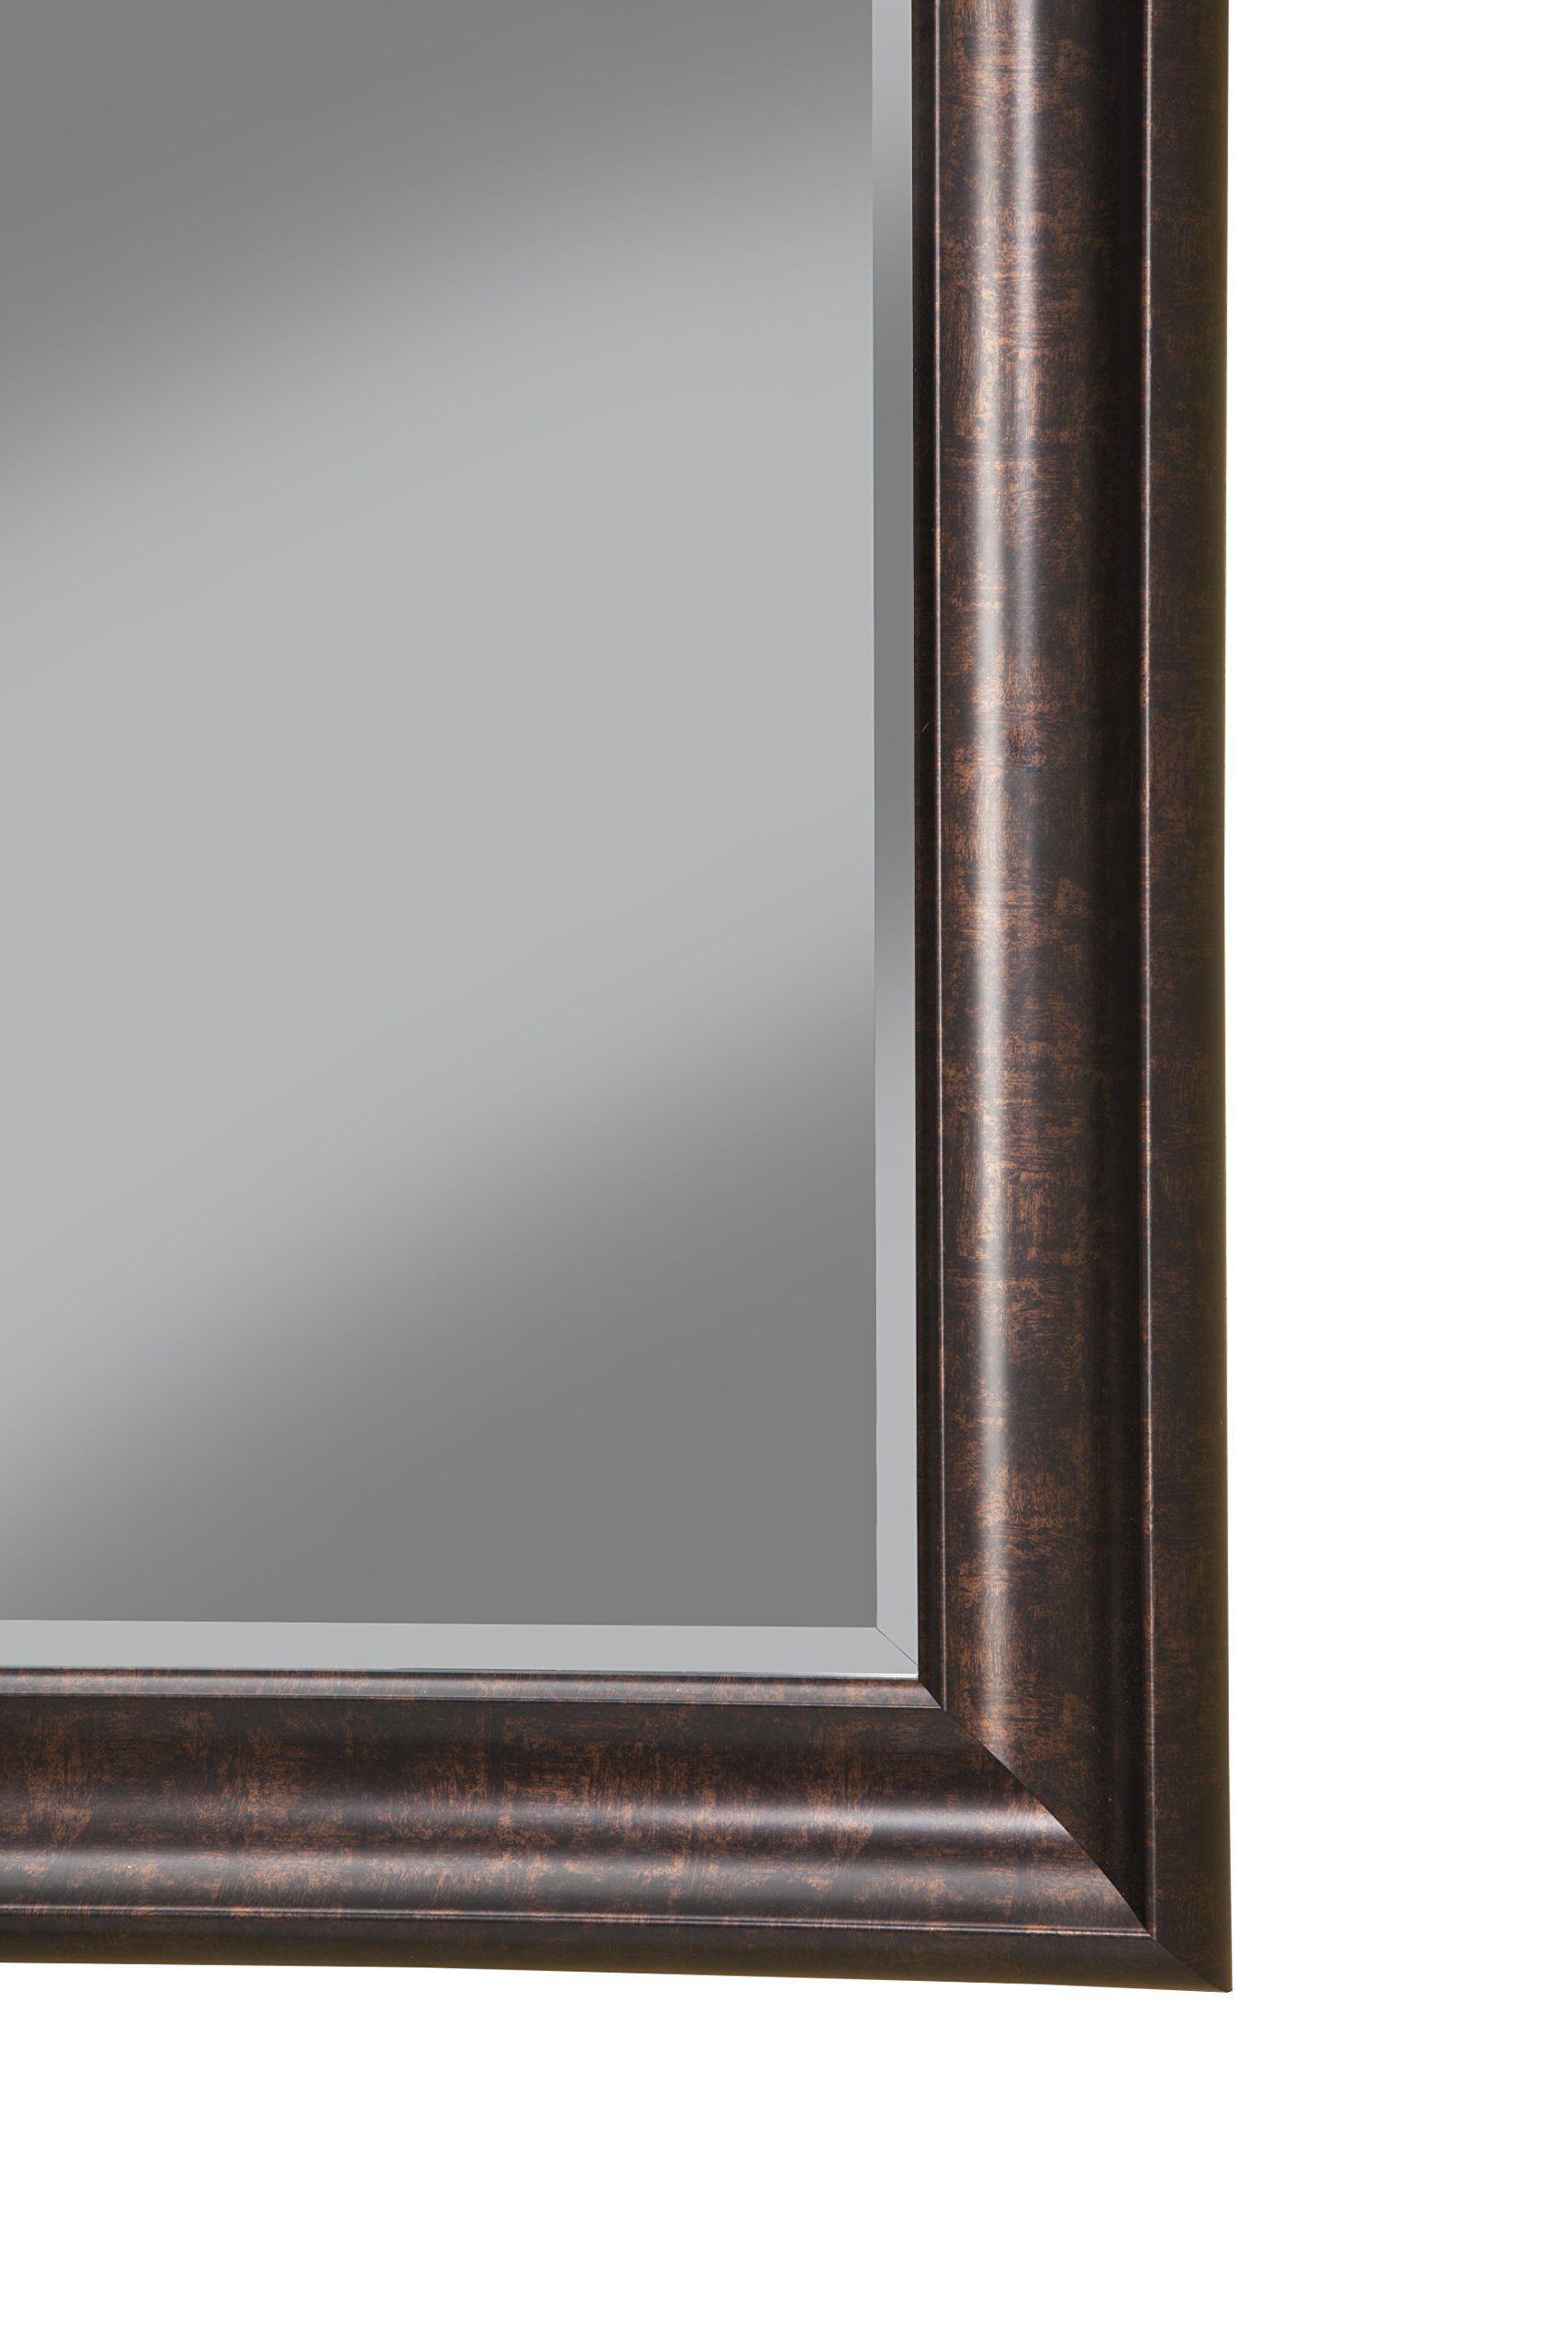 Sandberg Furniture 14217 Oil Rubbed Bronze Wall Mirror Oil